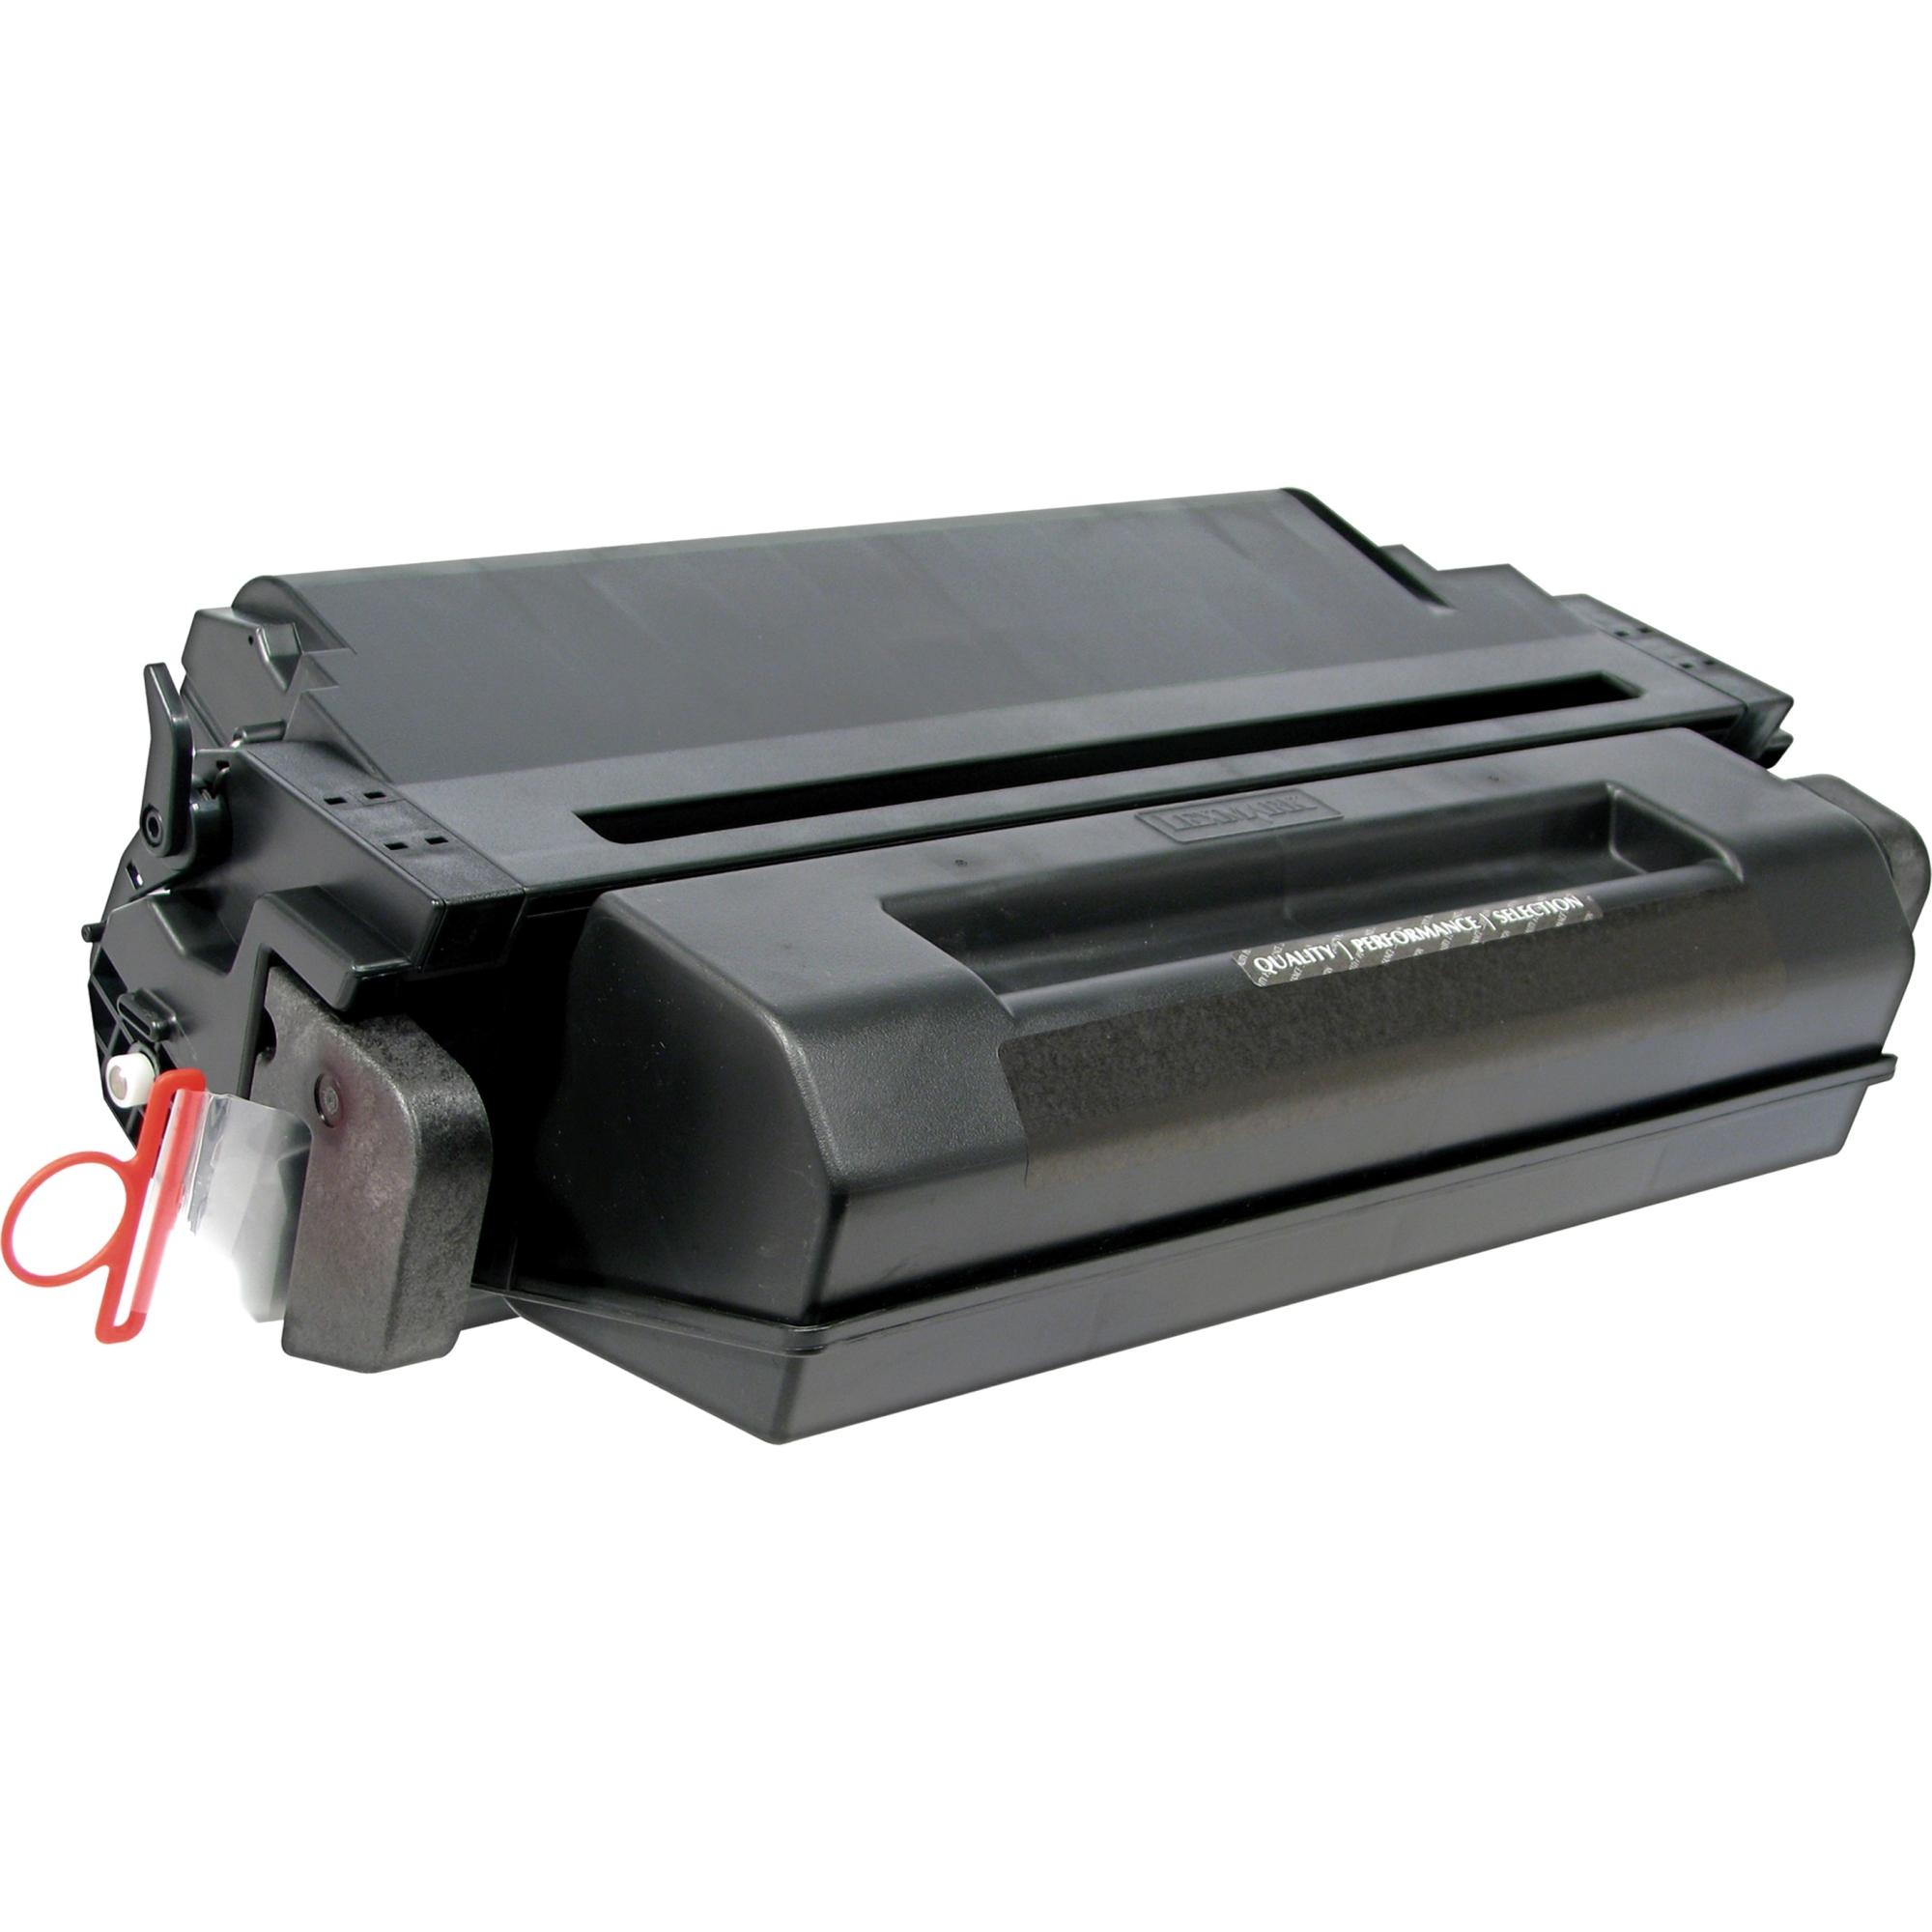 Black Toner Cartridge for HP LaserJet 5si - Laser - 15000 Page